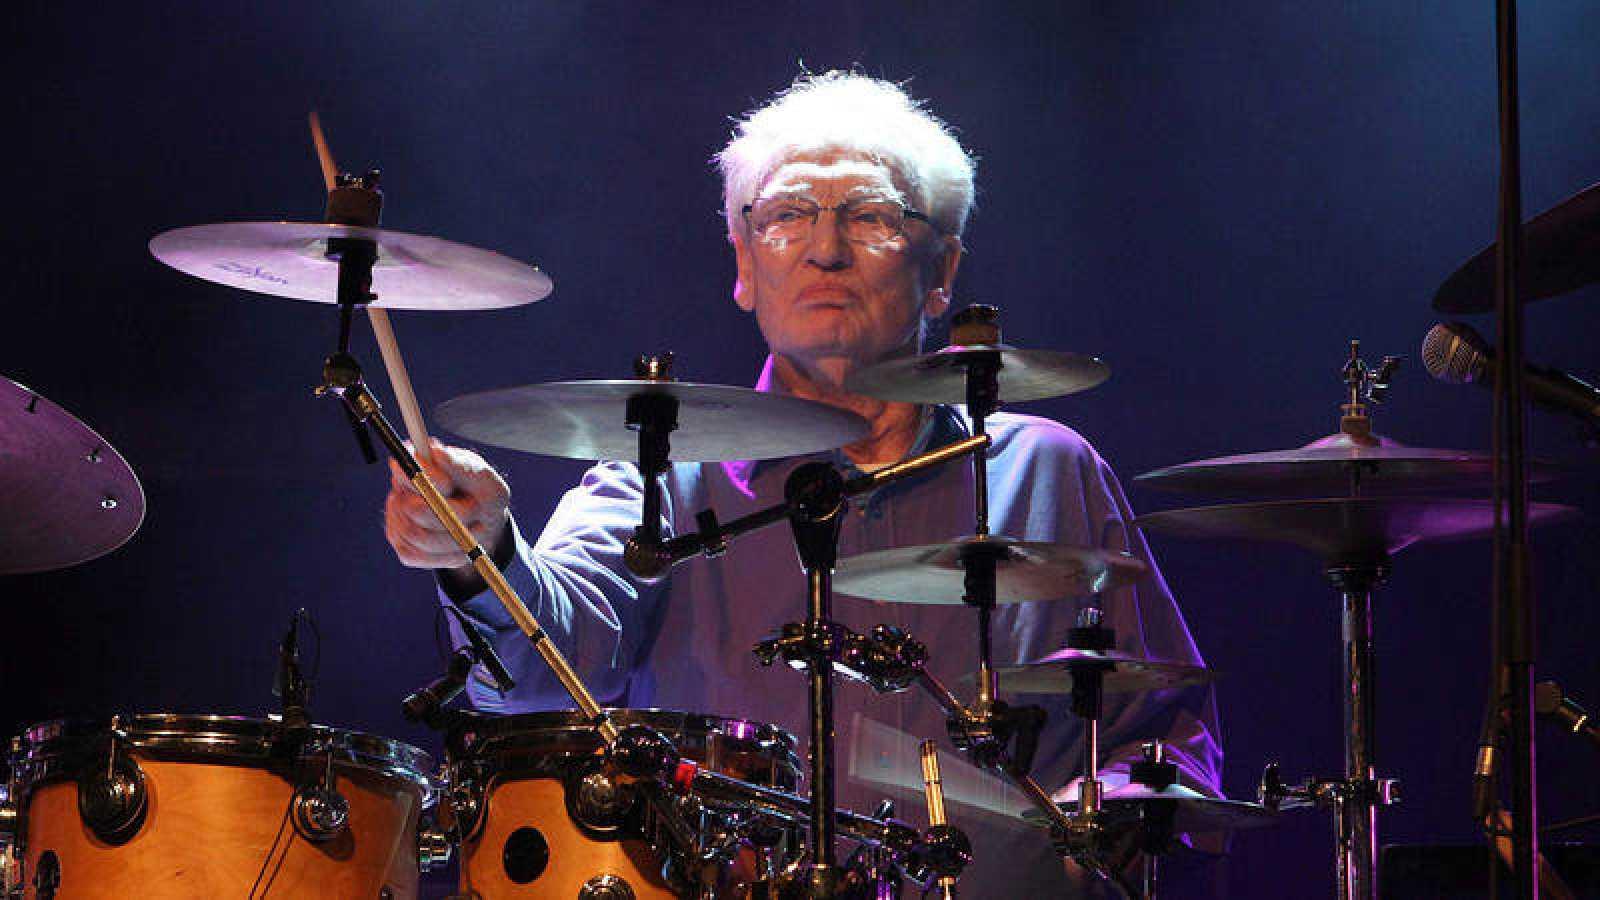 El batería Ginger Baker, durante un concierto en Oviedo en 2013.